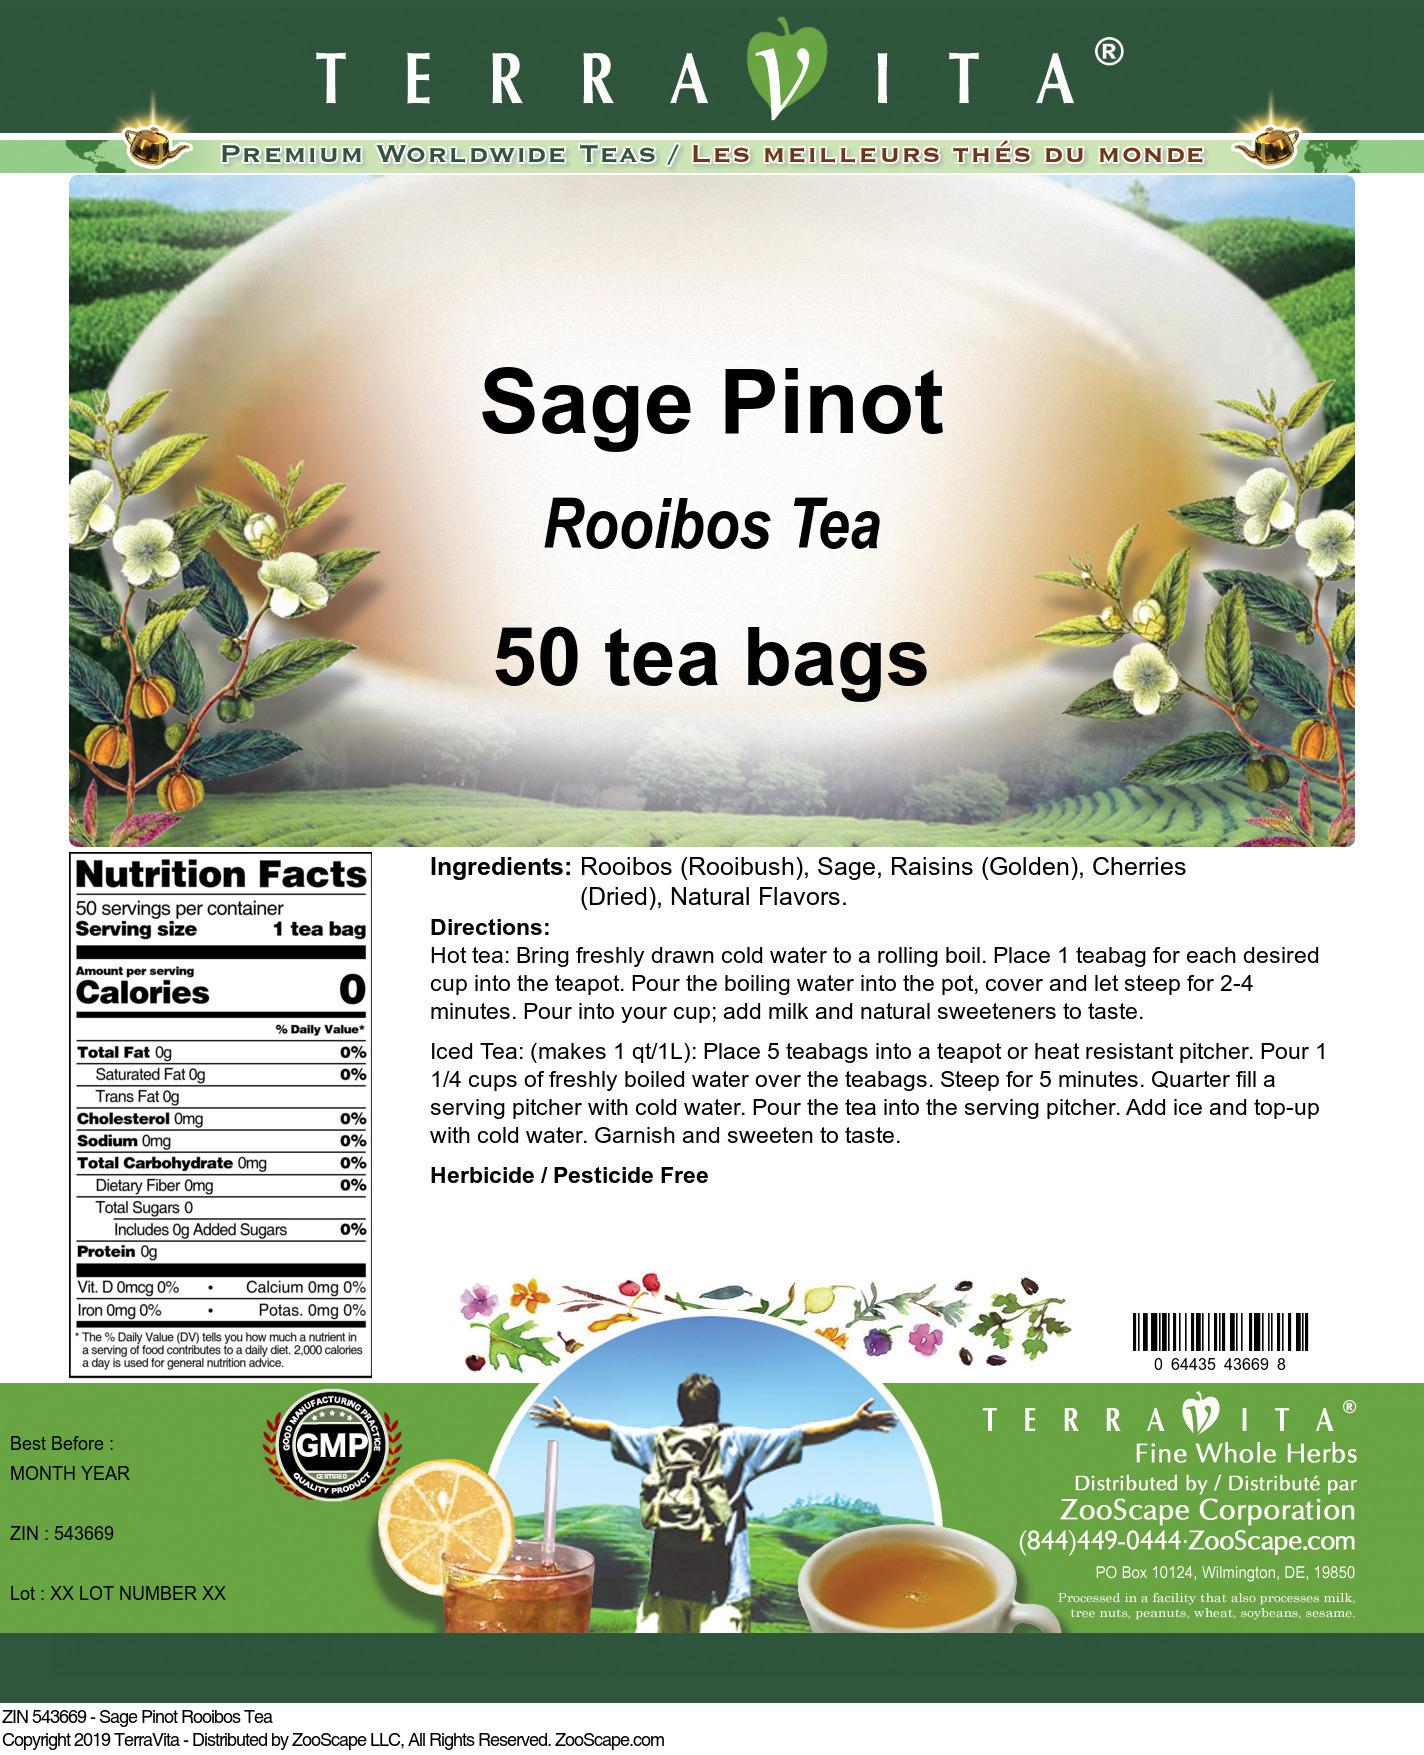 Sage Pinot Rooibos Tea